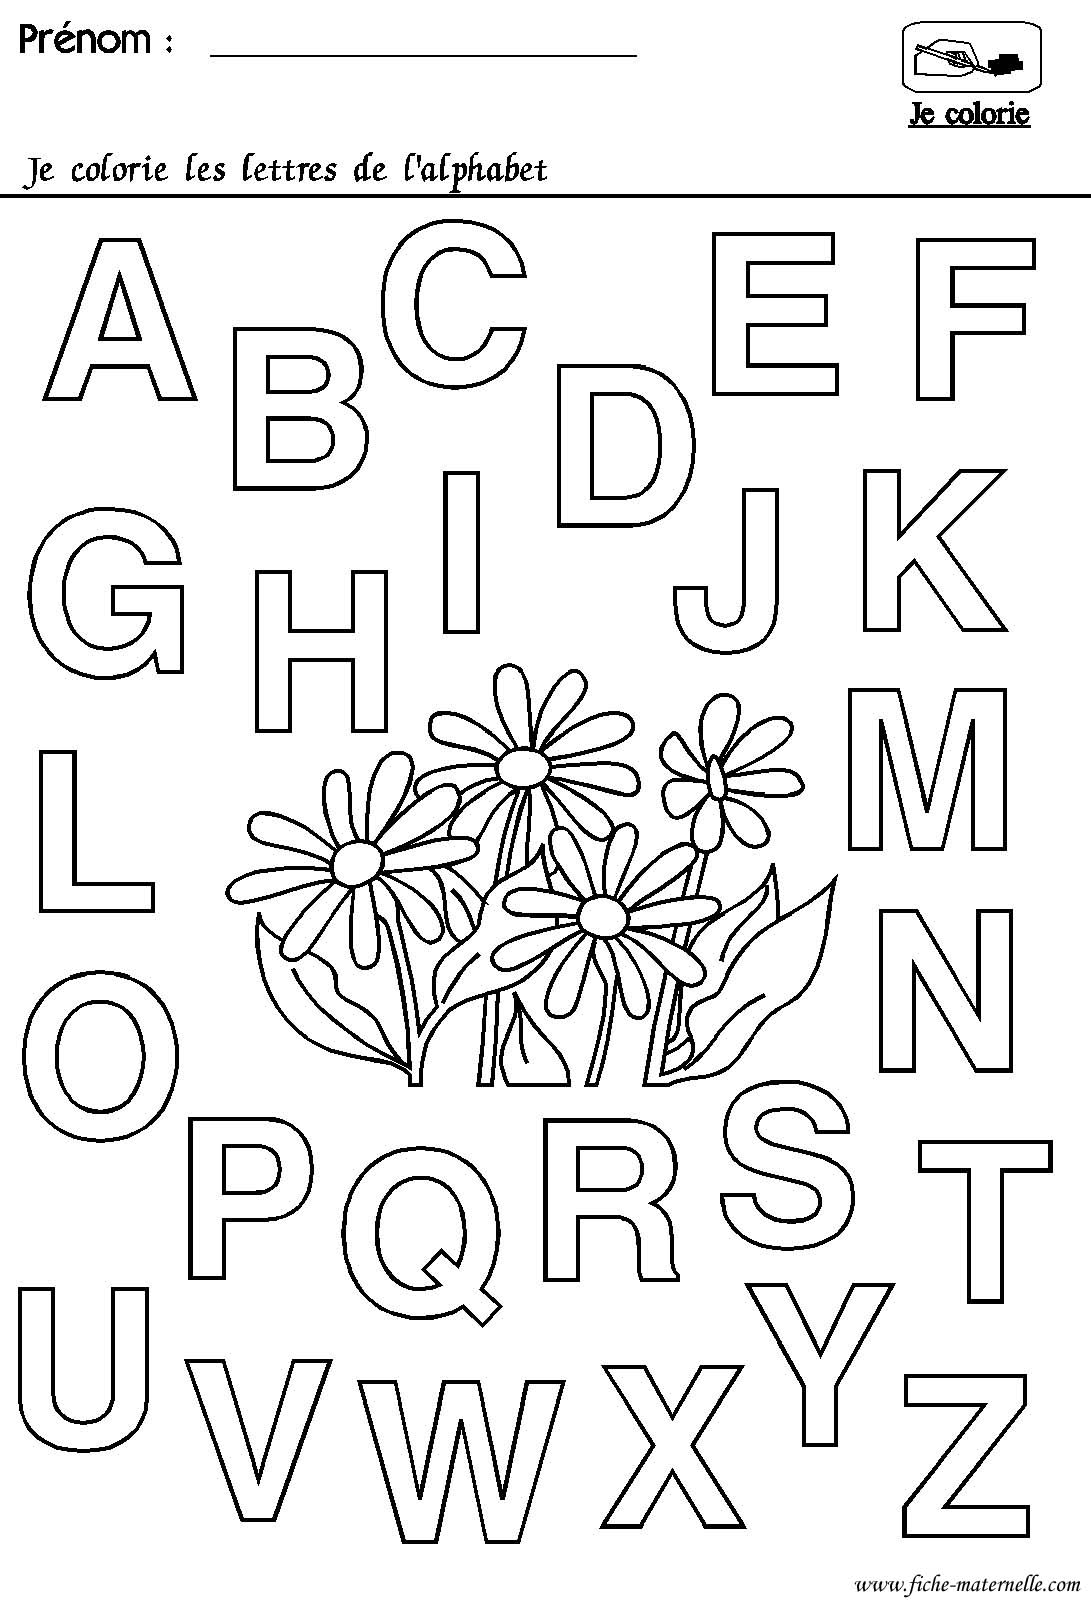 Maternelle rentr e des classes l 39 alphabet - Lettres alphabet maternelle ...